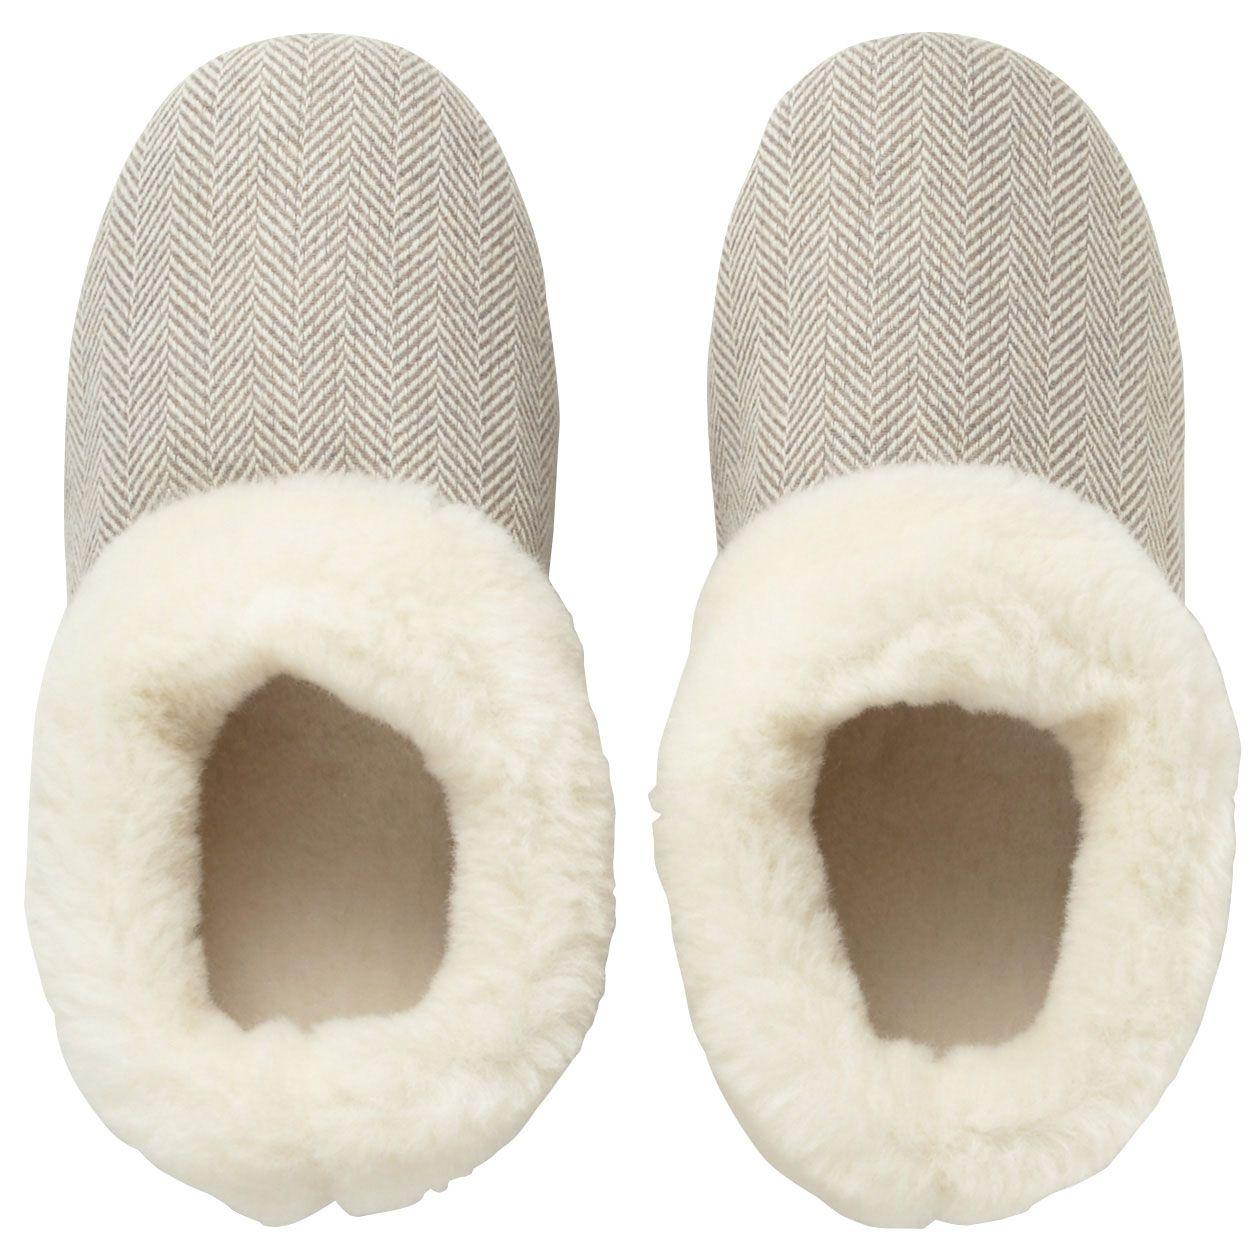 e88d637e4d3 MUJI Herringbone pattern slippers - cozy!